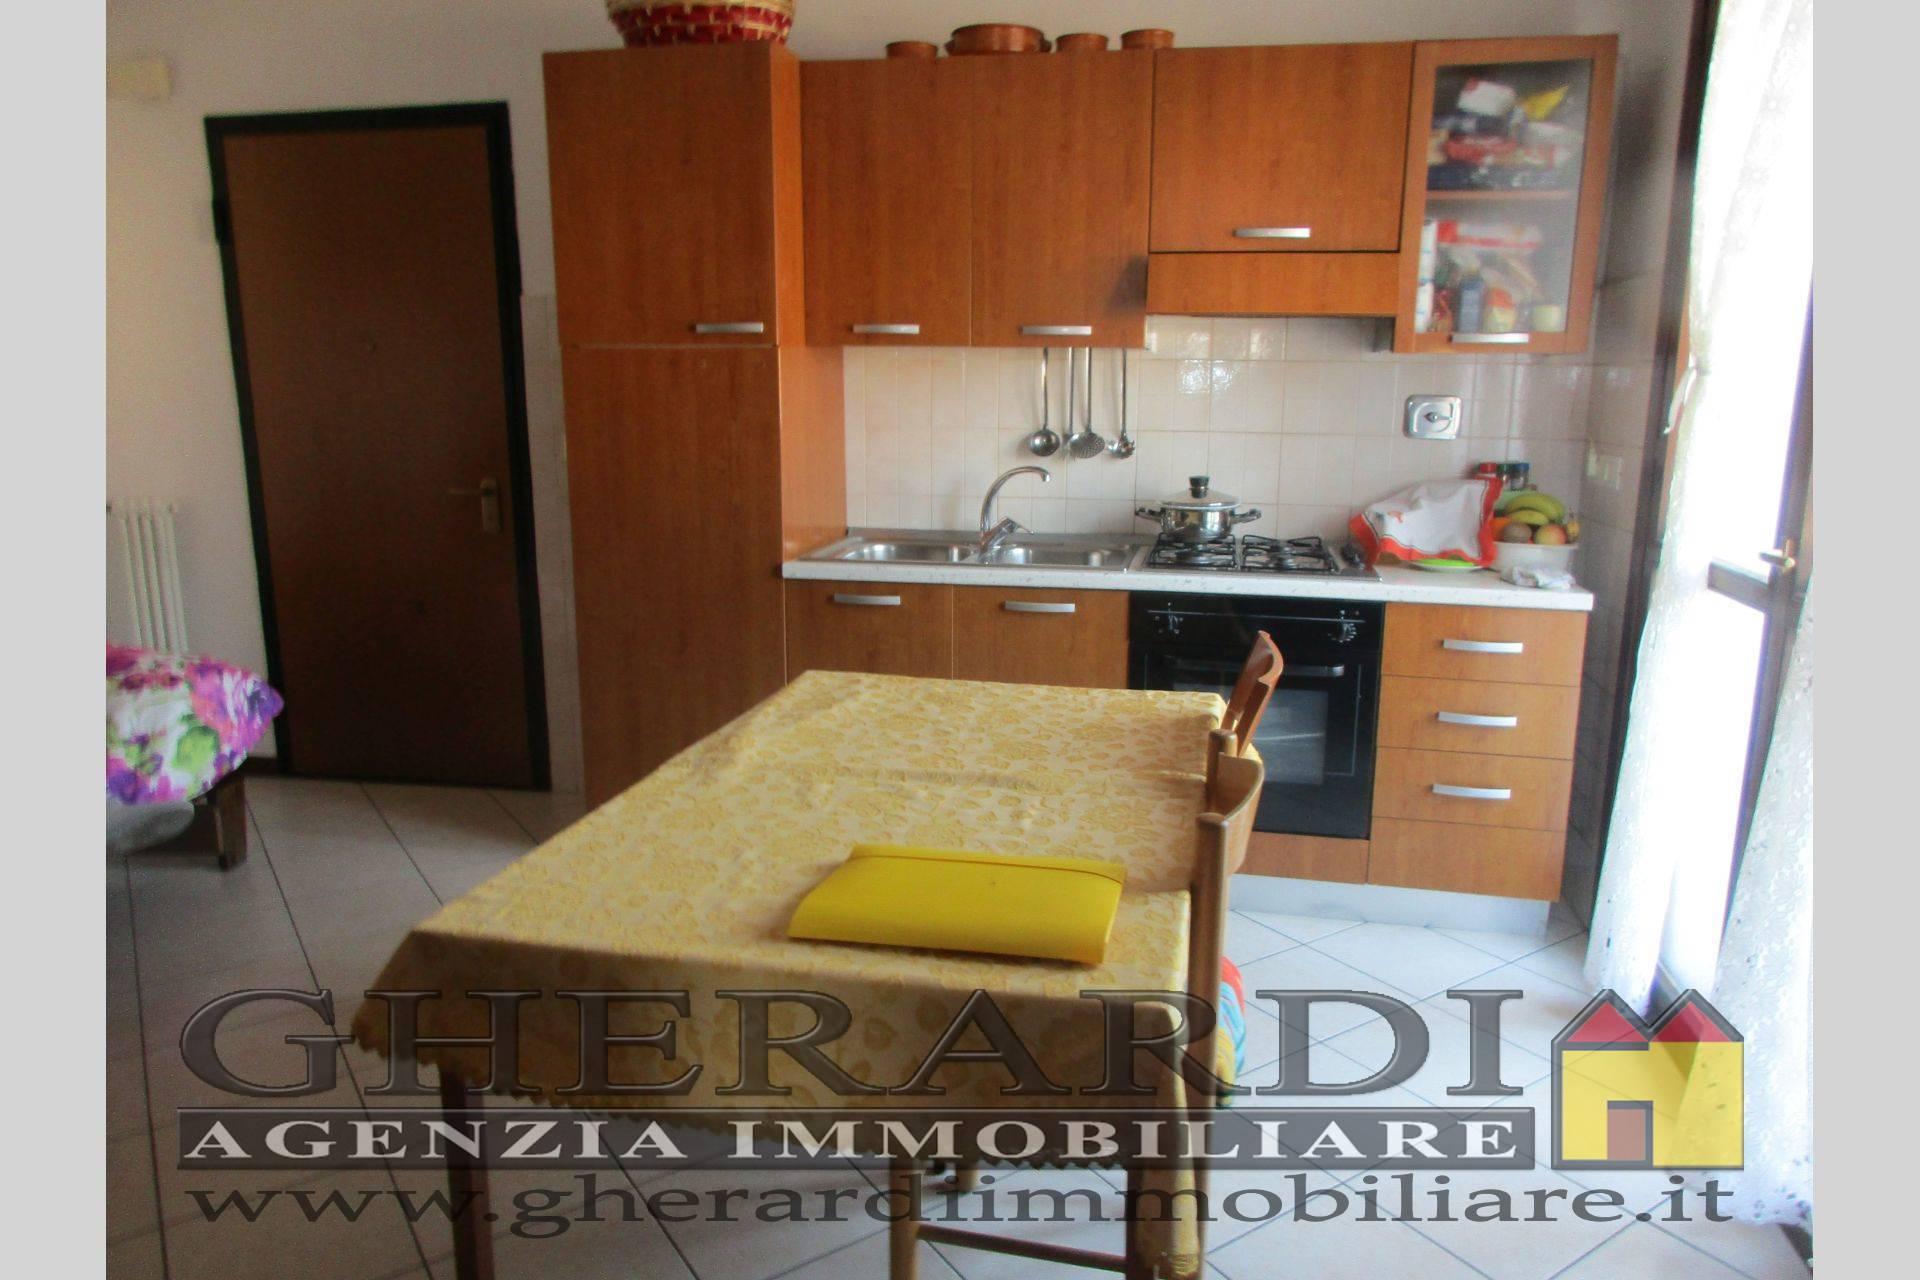 Appartamento in vendita a Poggio Renatico, 2 locali, zona Località: Semicentrale, prezzo € 85.000   PortaleAgenzieImmobiliari.it